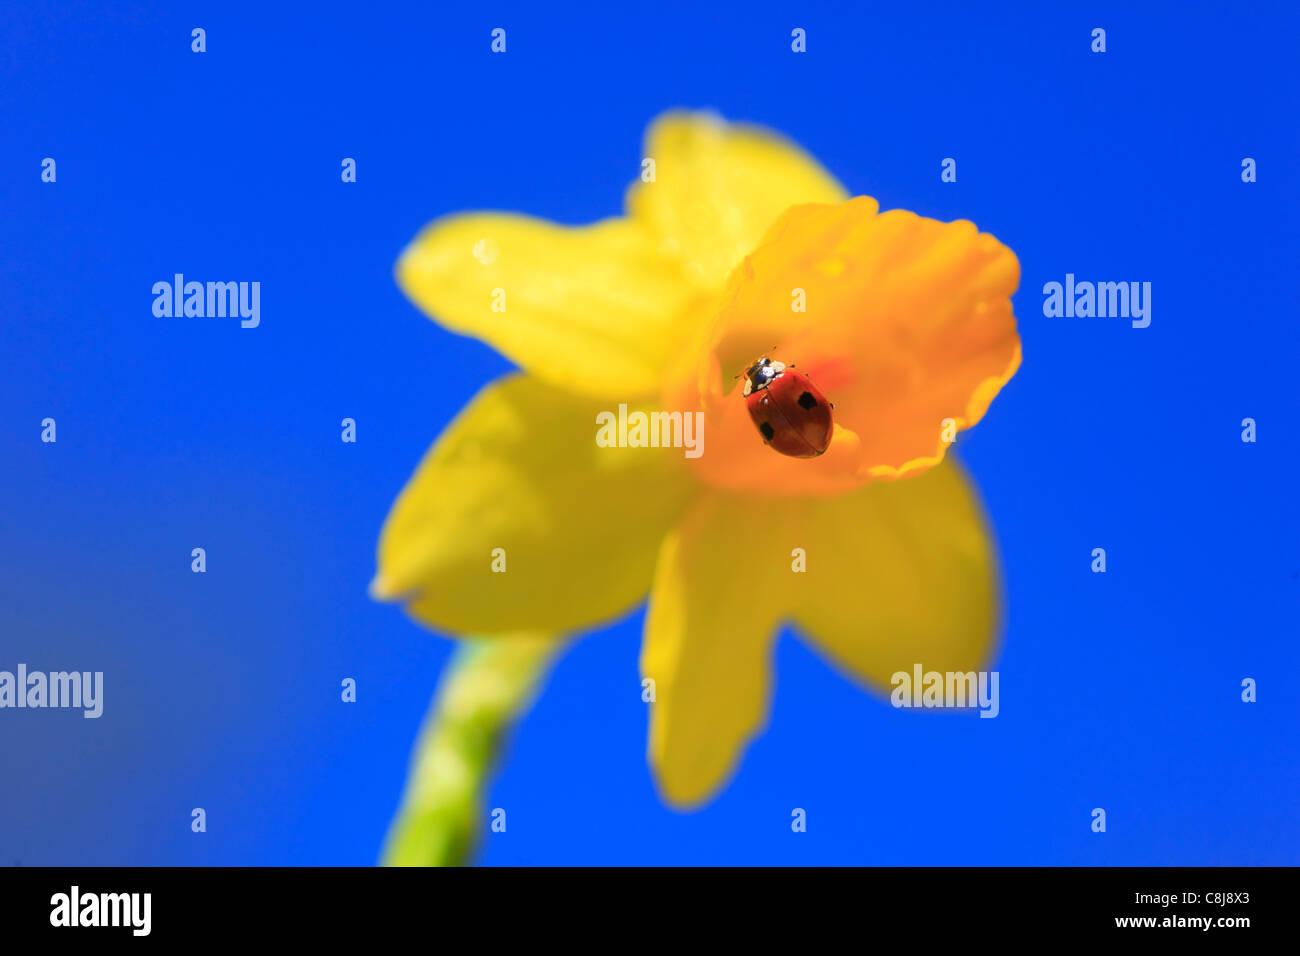 2, Adalia bipunctata, flower, flowers, blossom, flourish, Coccinellidae, detail, field, spring, garden, garden flower, - Stock Image